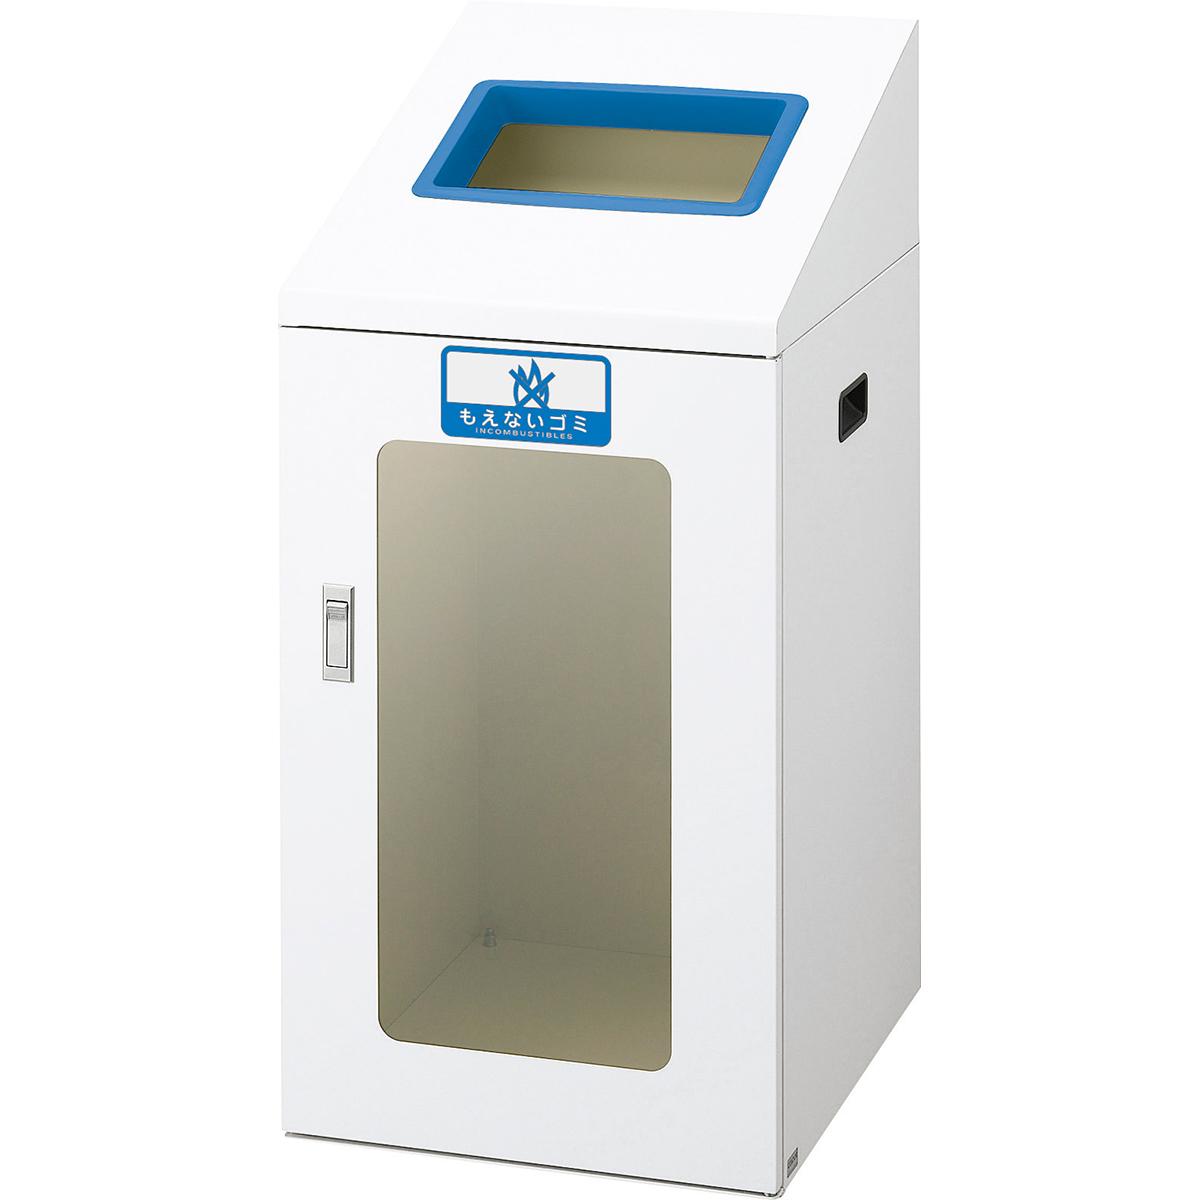 山崎産業 リサイクルボックス TIS-90 120L もえないゴミ/BL(青) (代引不可) YW-364L-ID